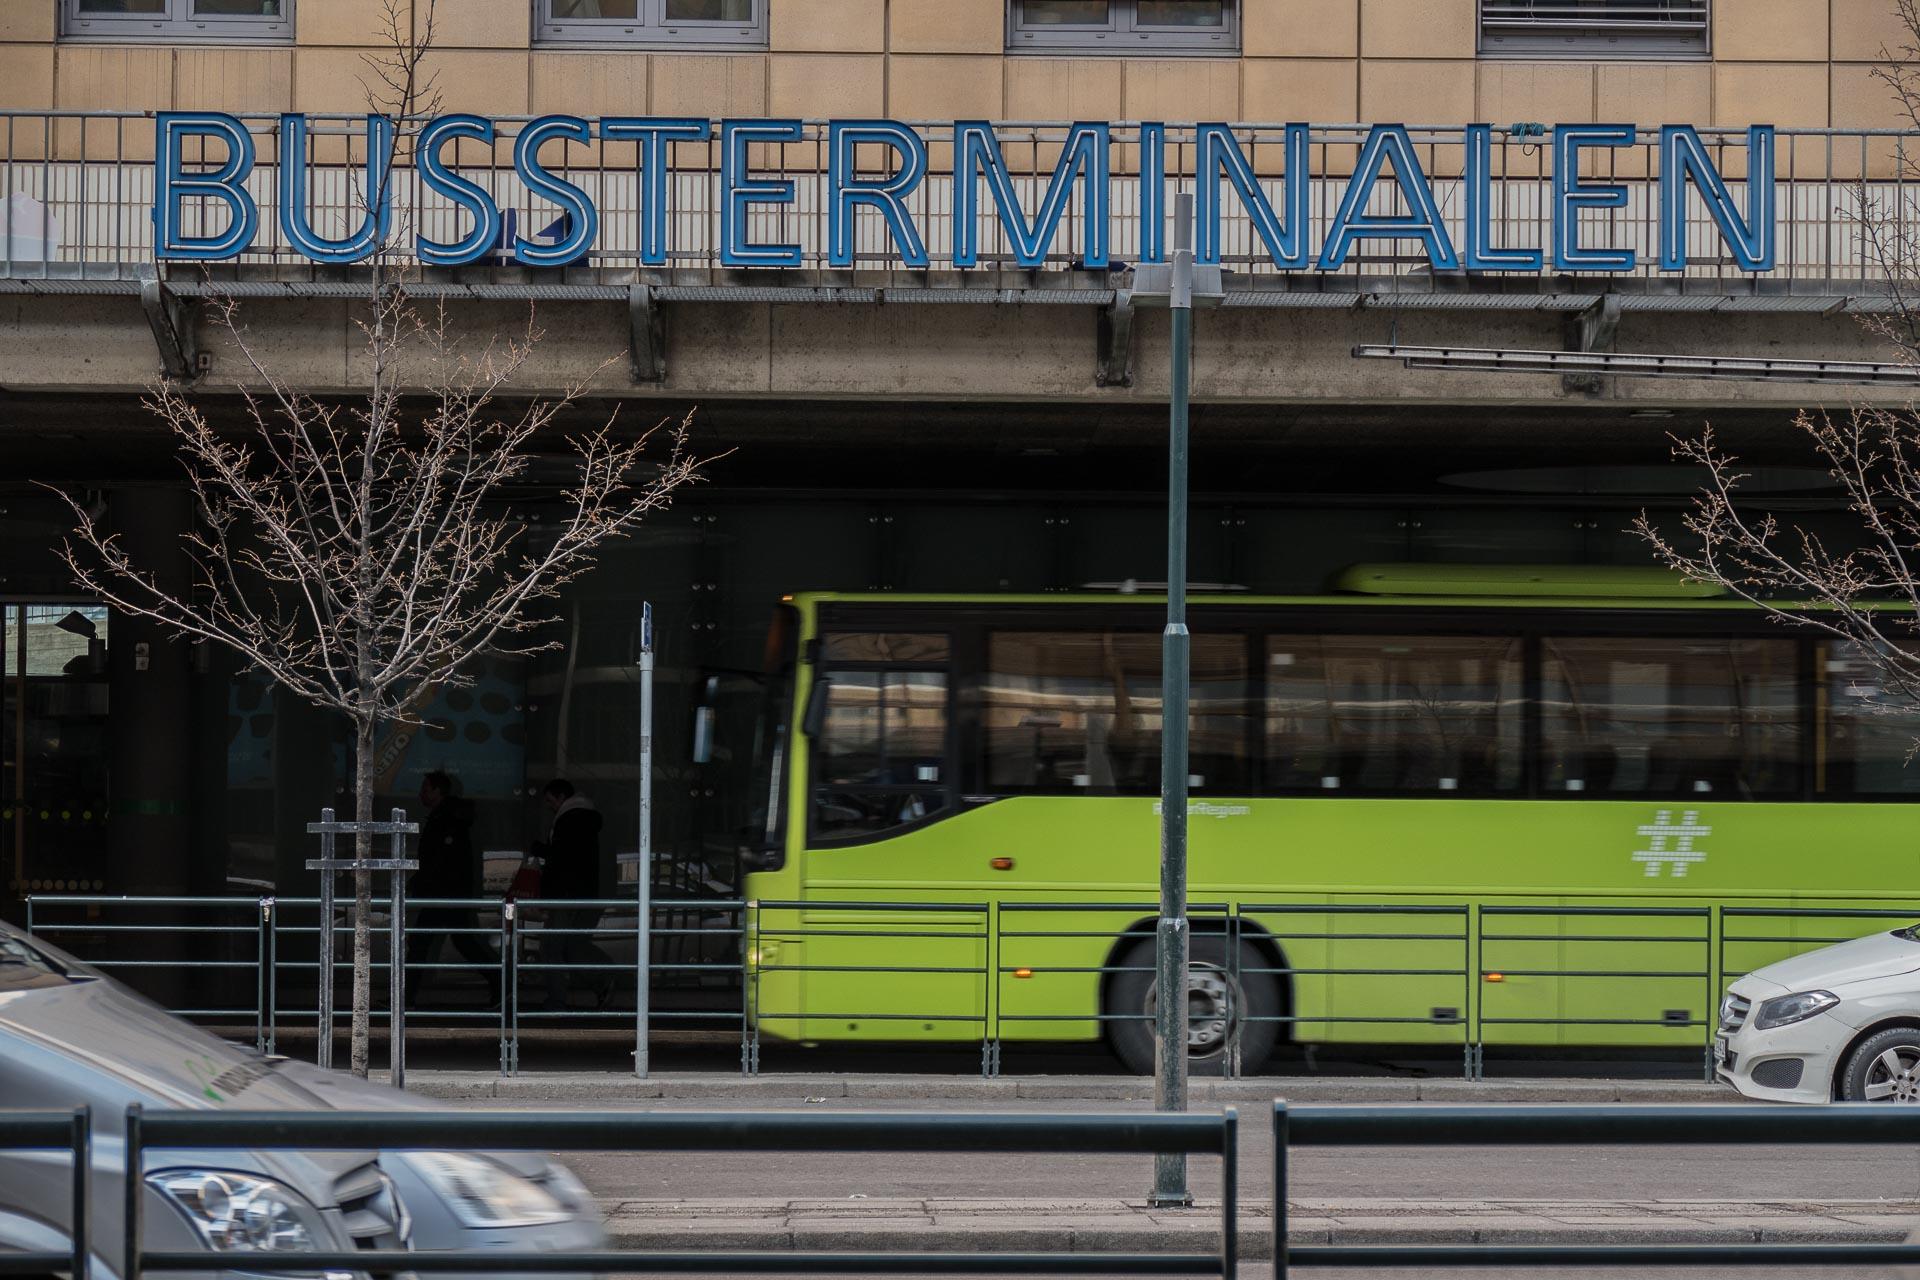 Oslo Bussterminal er avreise- og ankomststasjon for langdistansebusser til og fra Oslo, samt avreisestasjon for de fleste busser fra Oslo til Akershus.